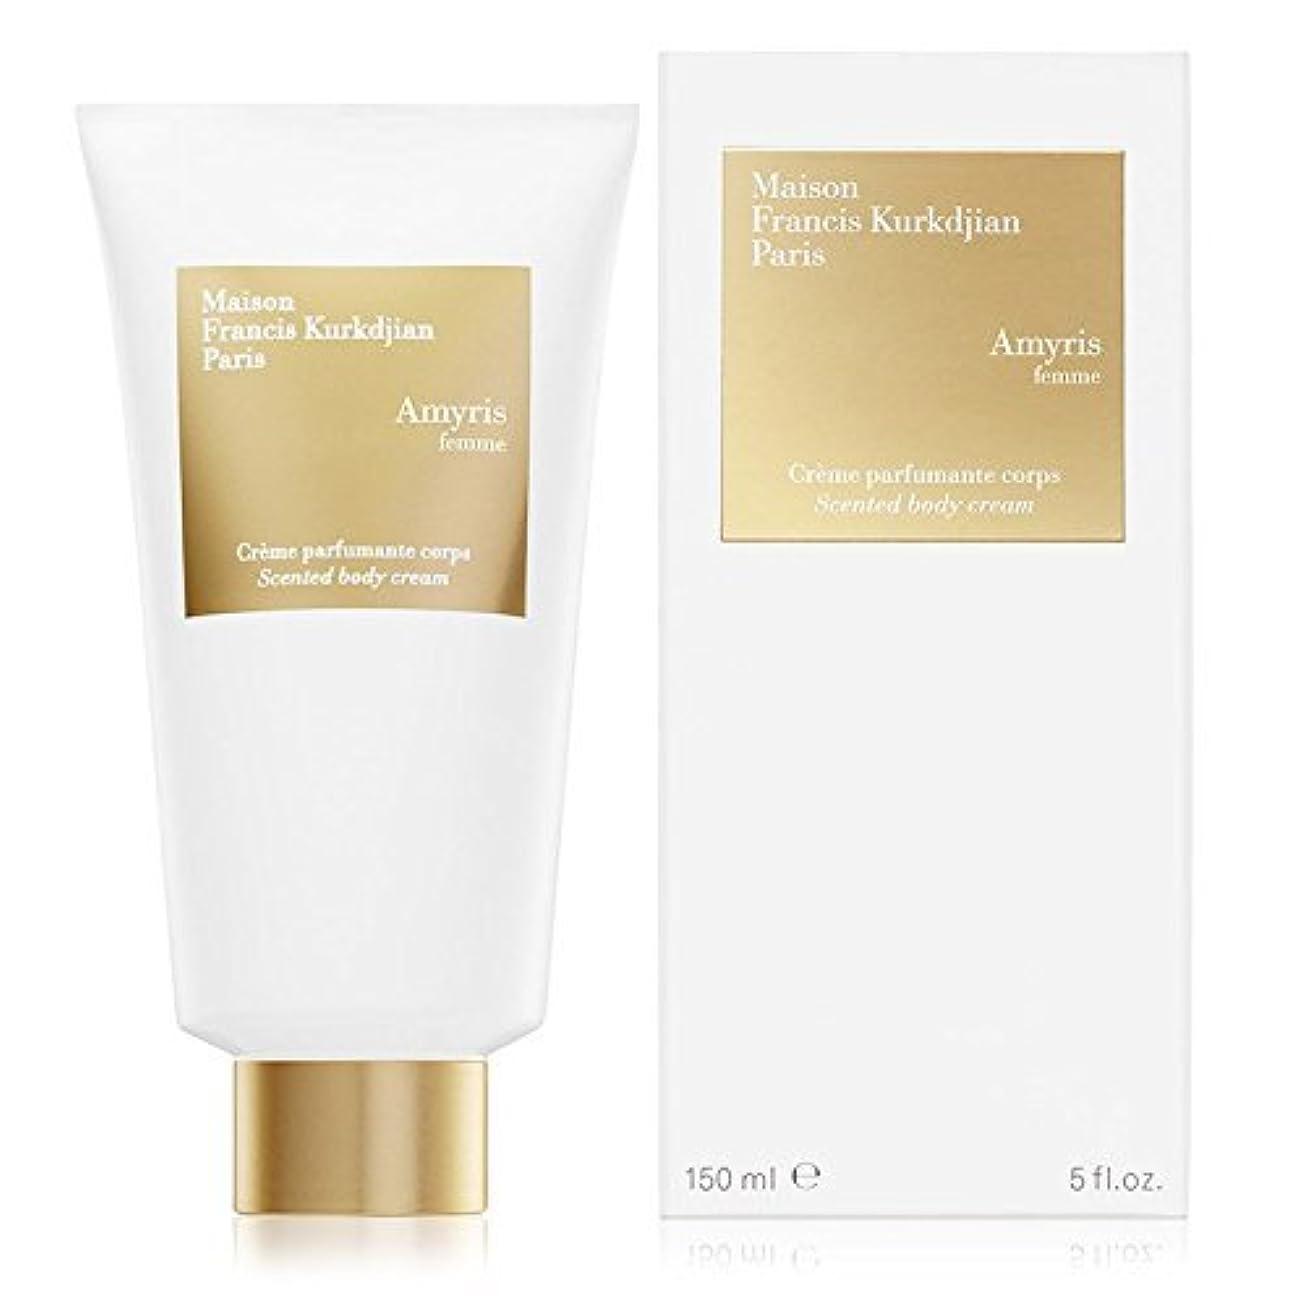 宙返り交換新鮮なMaison Francis Kurkdjian Amyris Femme Scented Body Cream(メゾン フランシス クルジャン アミリス ファム ボディクリーム)150ml [並行輸入品]